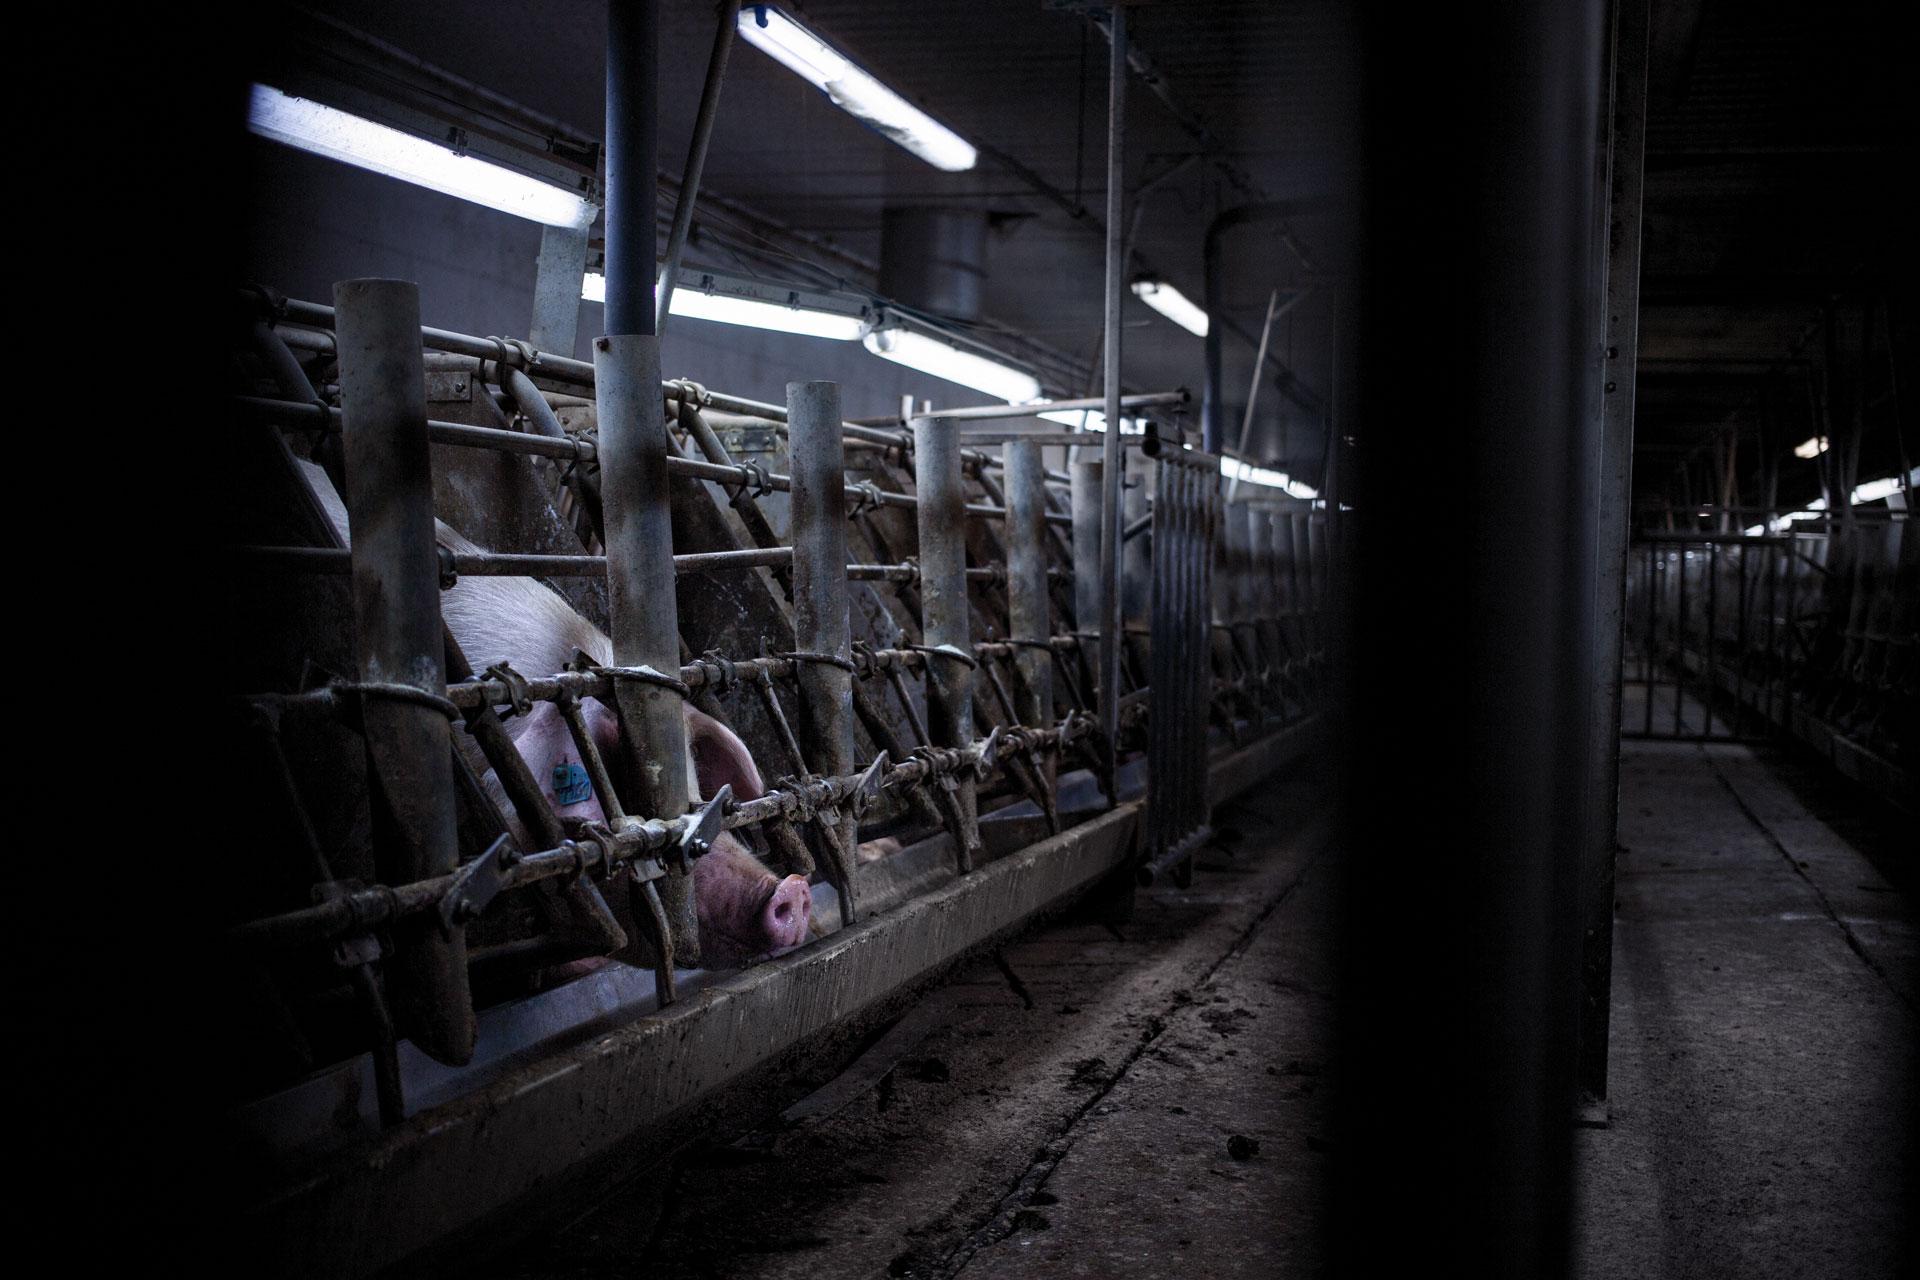 timo-stammberger-massentierhaltung-mastanlage-factory-farming-schweine-pigs-animal-rights_04